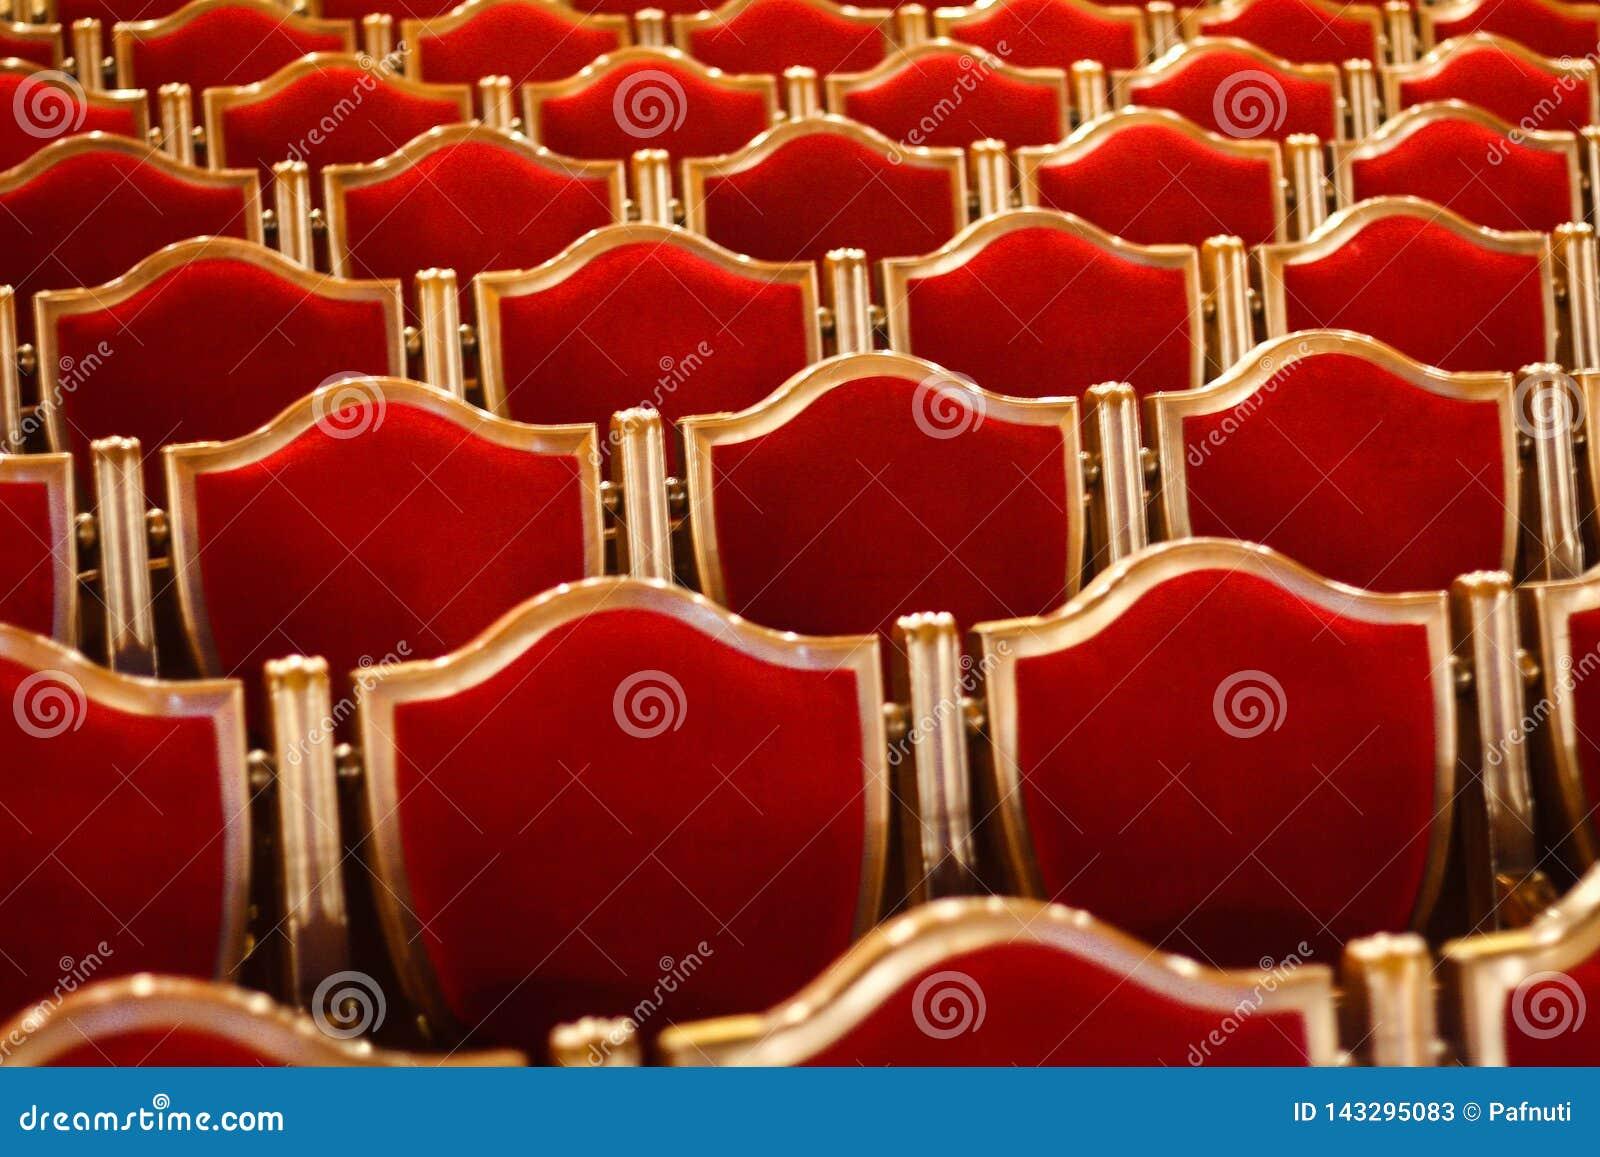 Κόκκινες εκλεκτής ποιότητας καρέκλες στο θέατρο